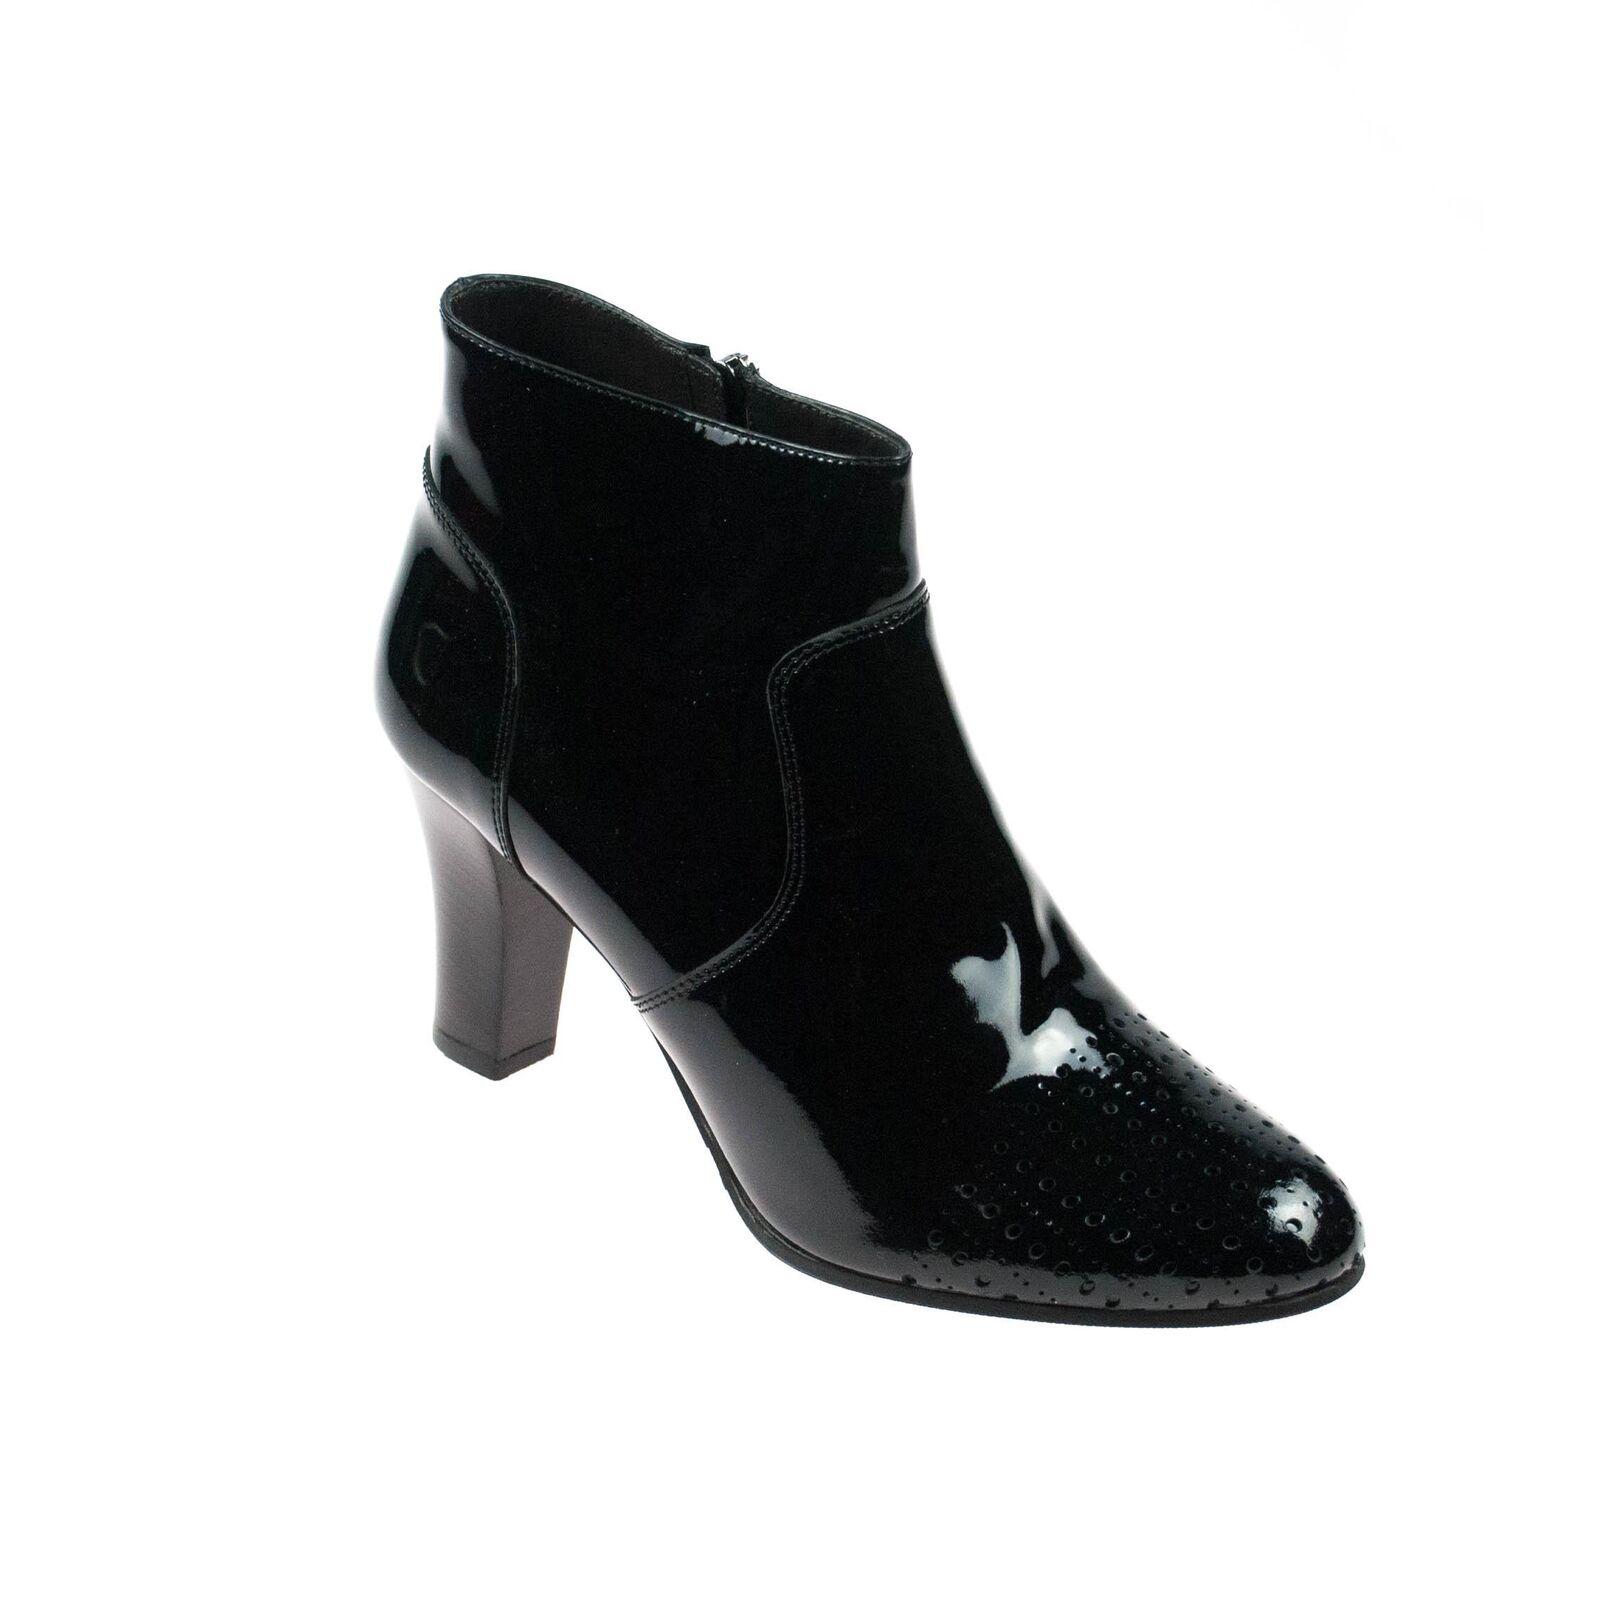 Triver Flight señora botines de cuero charol negro